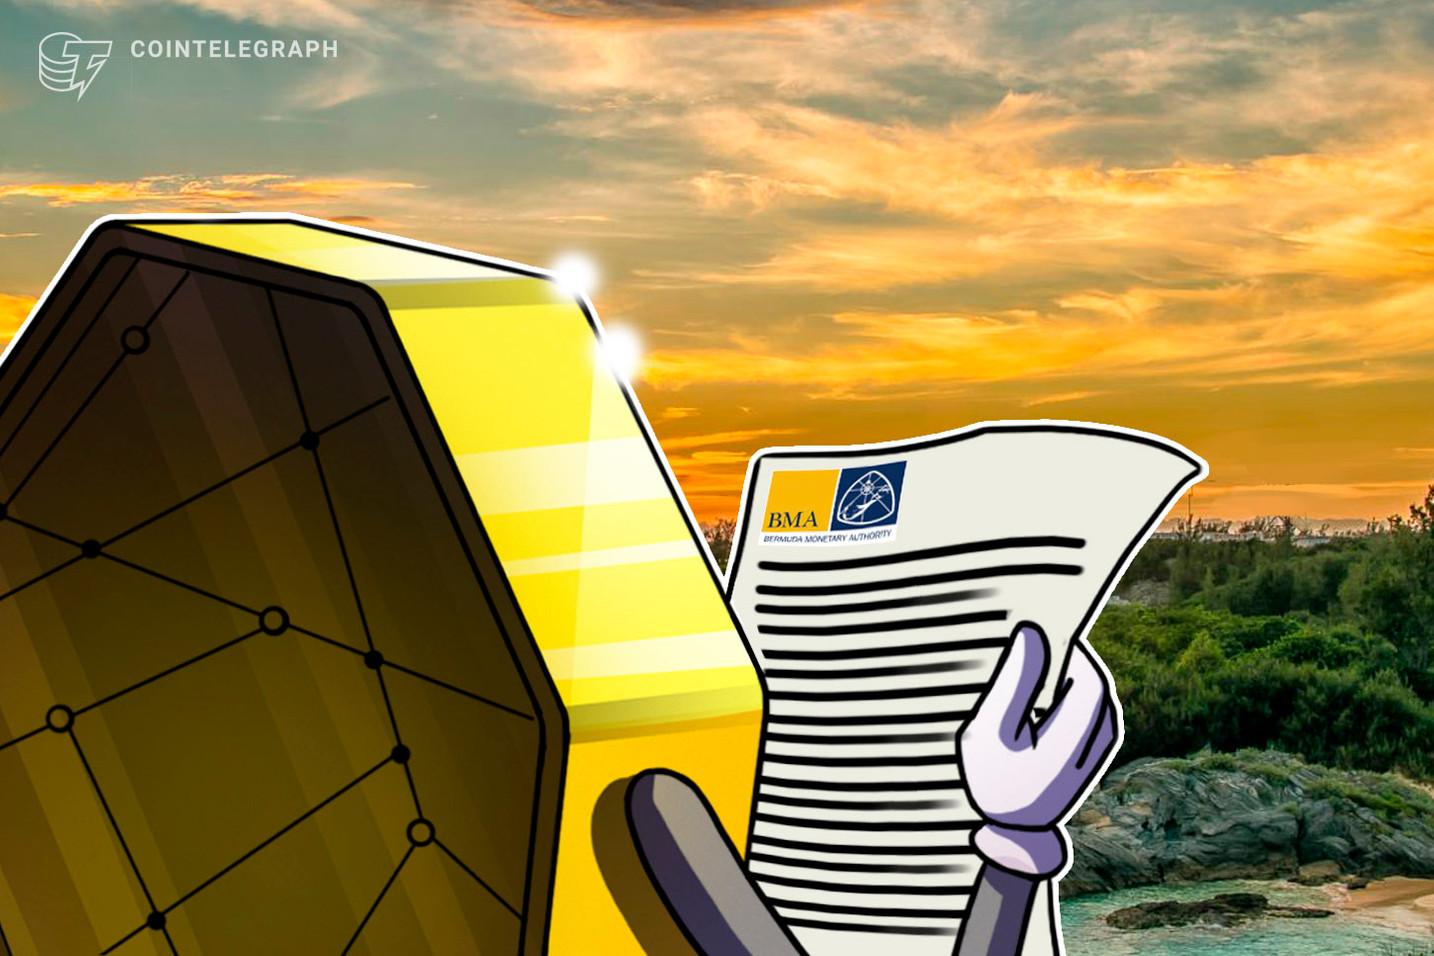 Regulador Financeiro da Bermuda divulga projeto de regulamento para serviços de custódia cripto